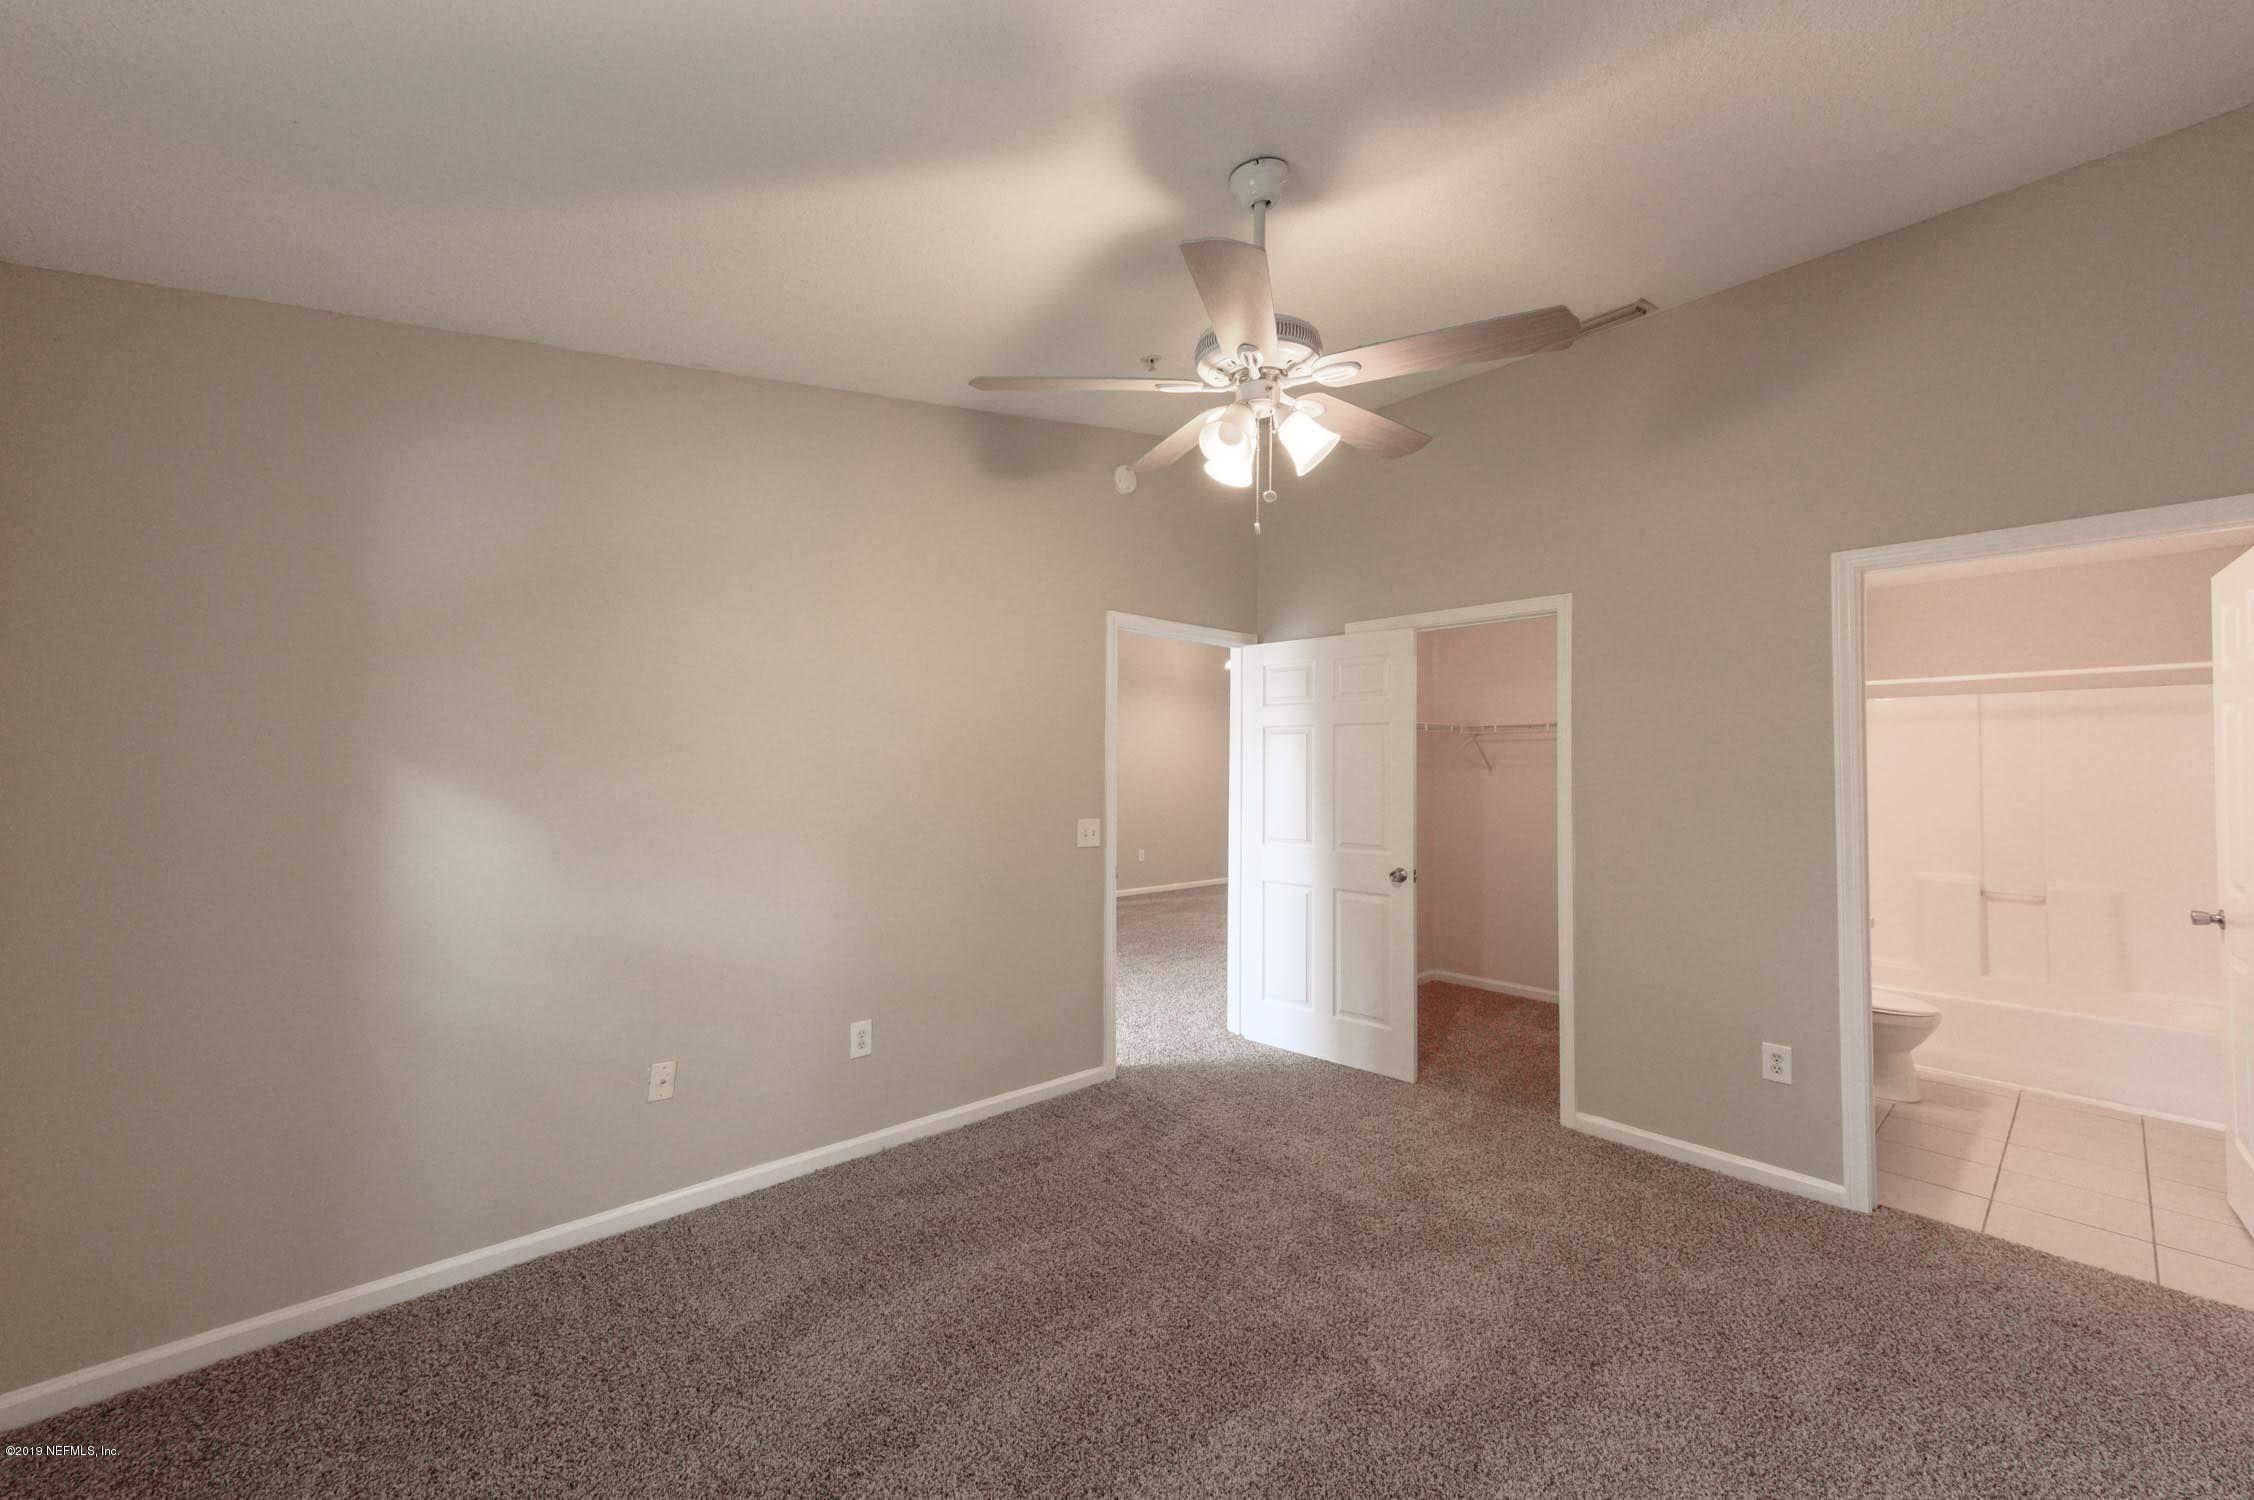 6100 MAGGIES, JACKSONVILLE, FLORIDA 32244, 3 Bedrooms Bedrooms, ,2 BathroomsBathrooms,Condo,For sale,MAGGIES,1018694